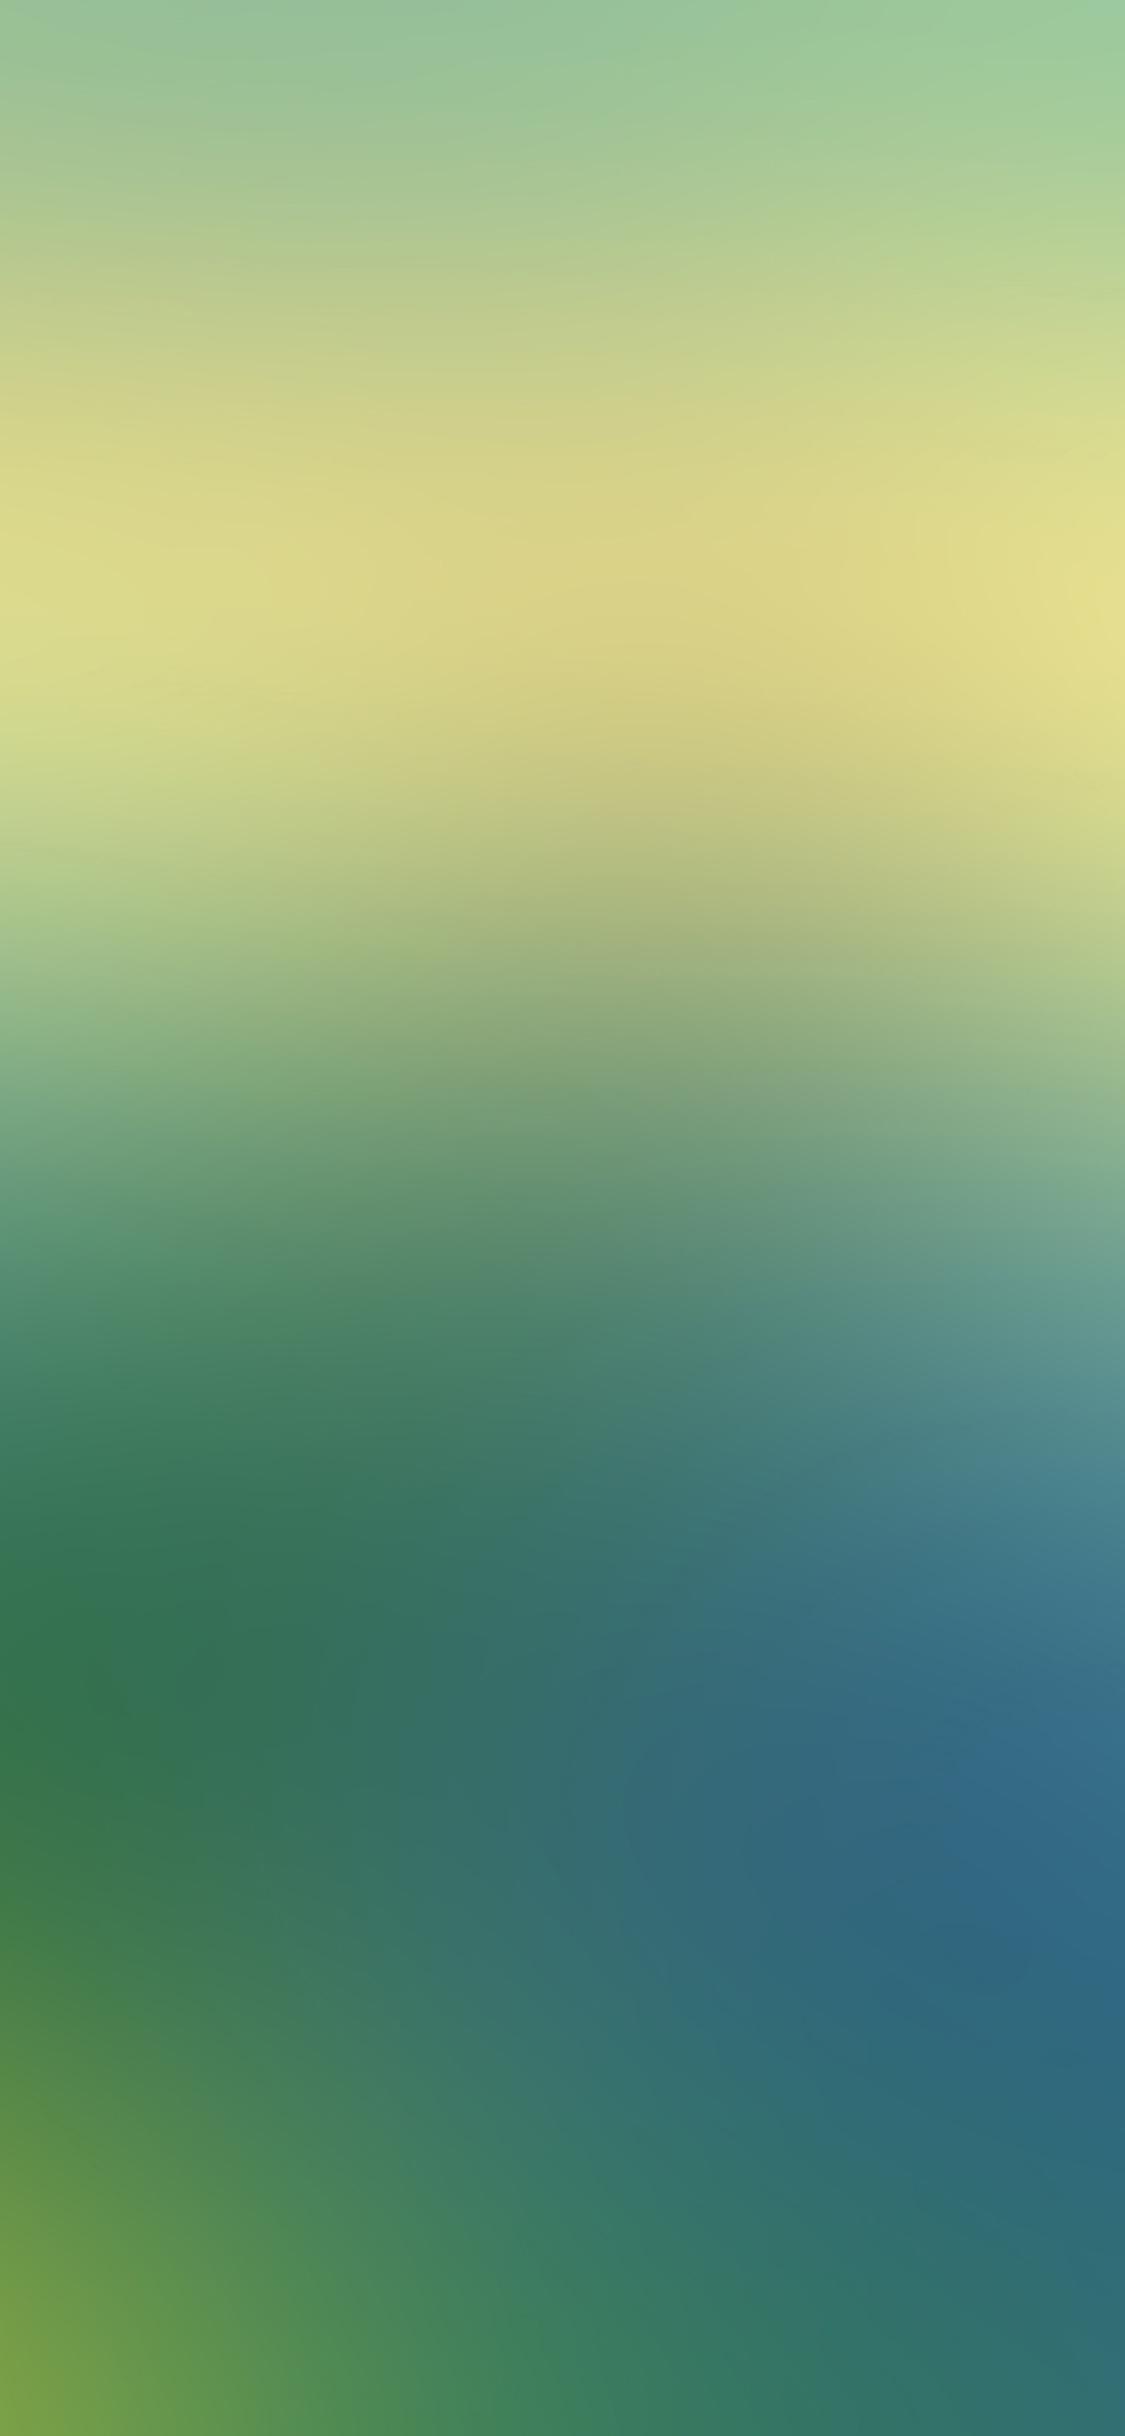 iPhoneXpapers.com-Apple-iPhone-wallpaper-va09-younger-dream-blur-green